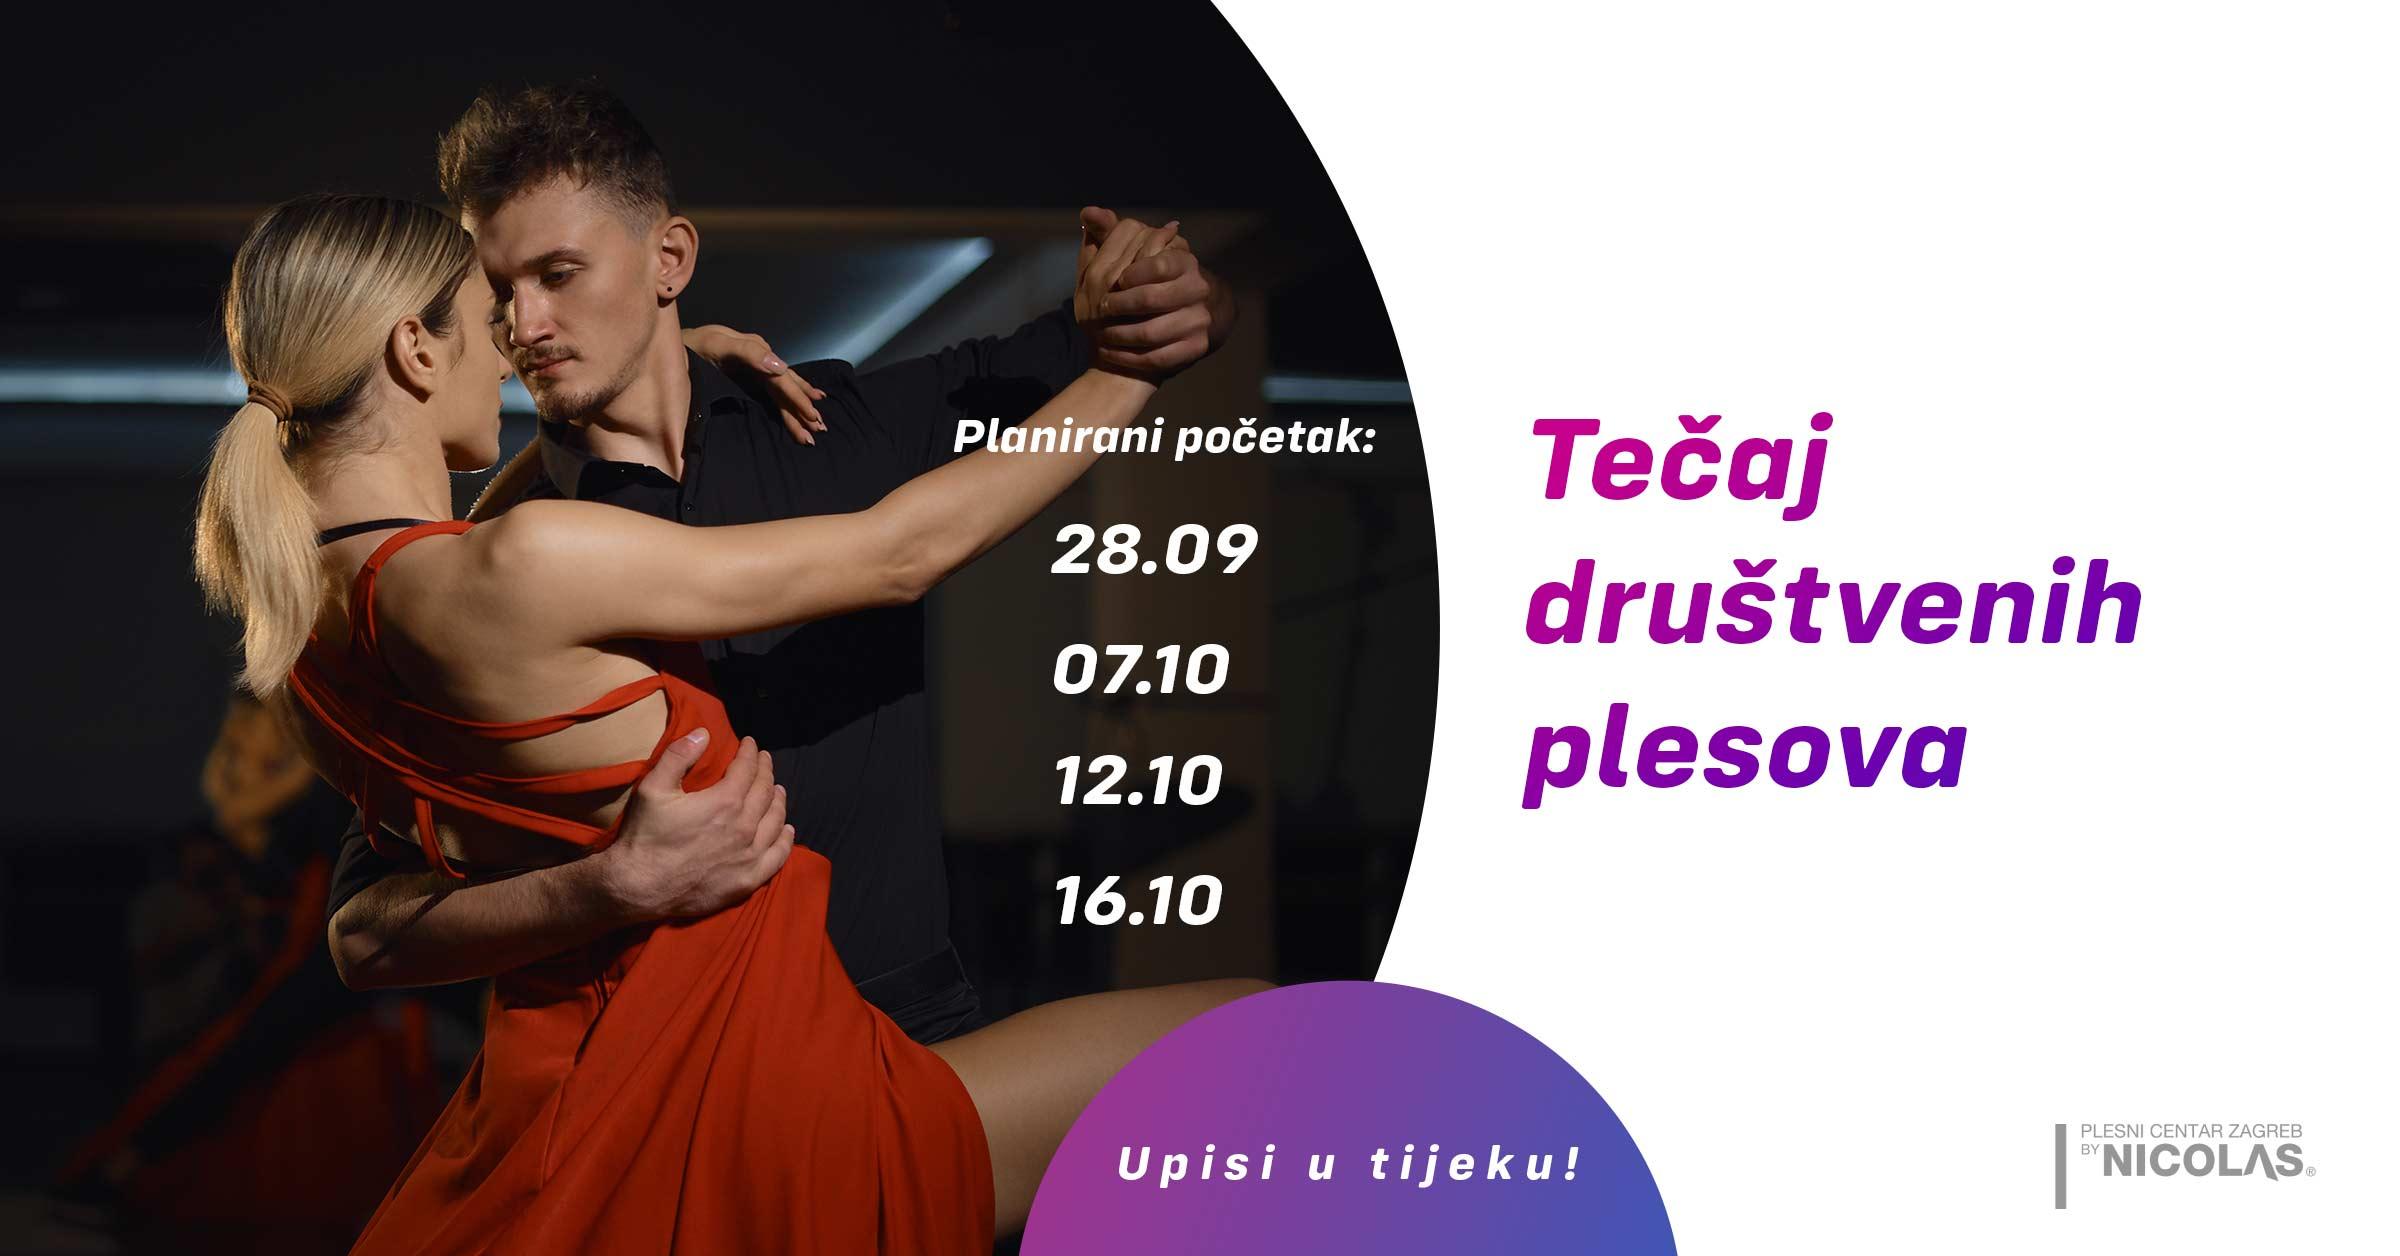 Tečaj društvenih plesova Plesni centar Zagreb by Nicolas